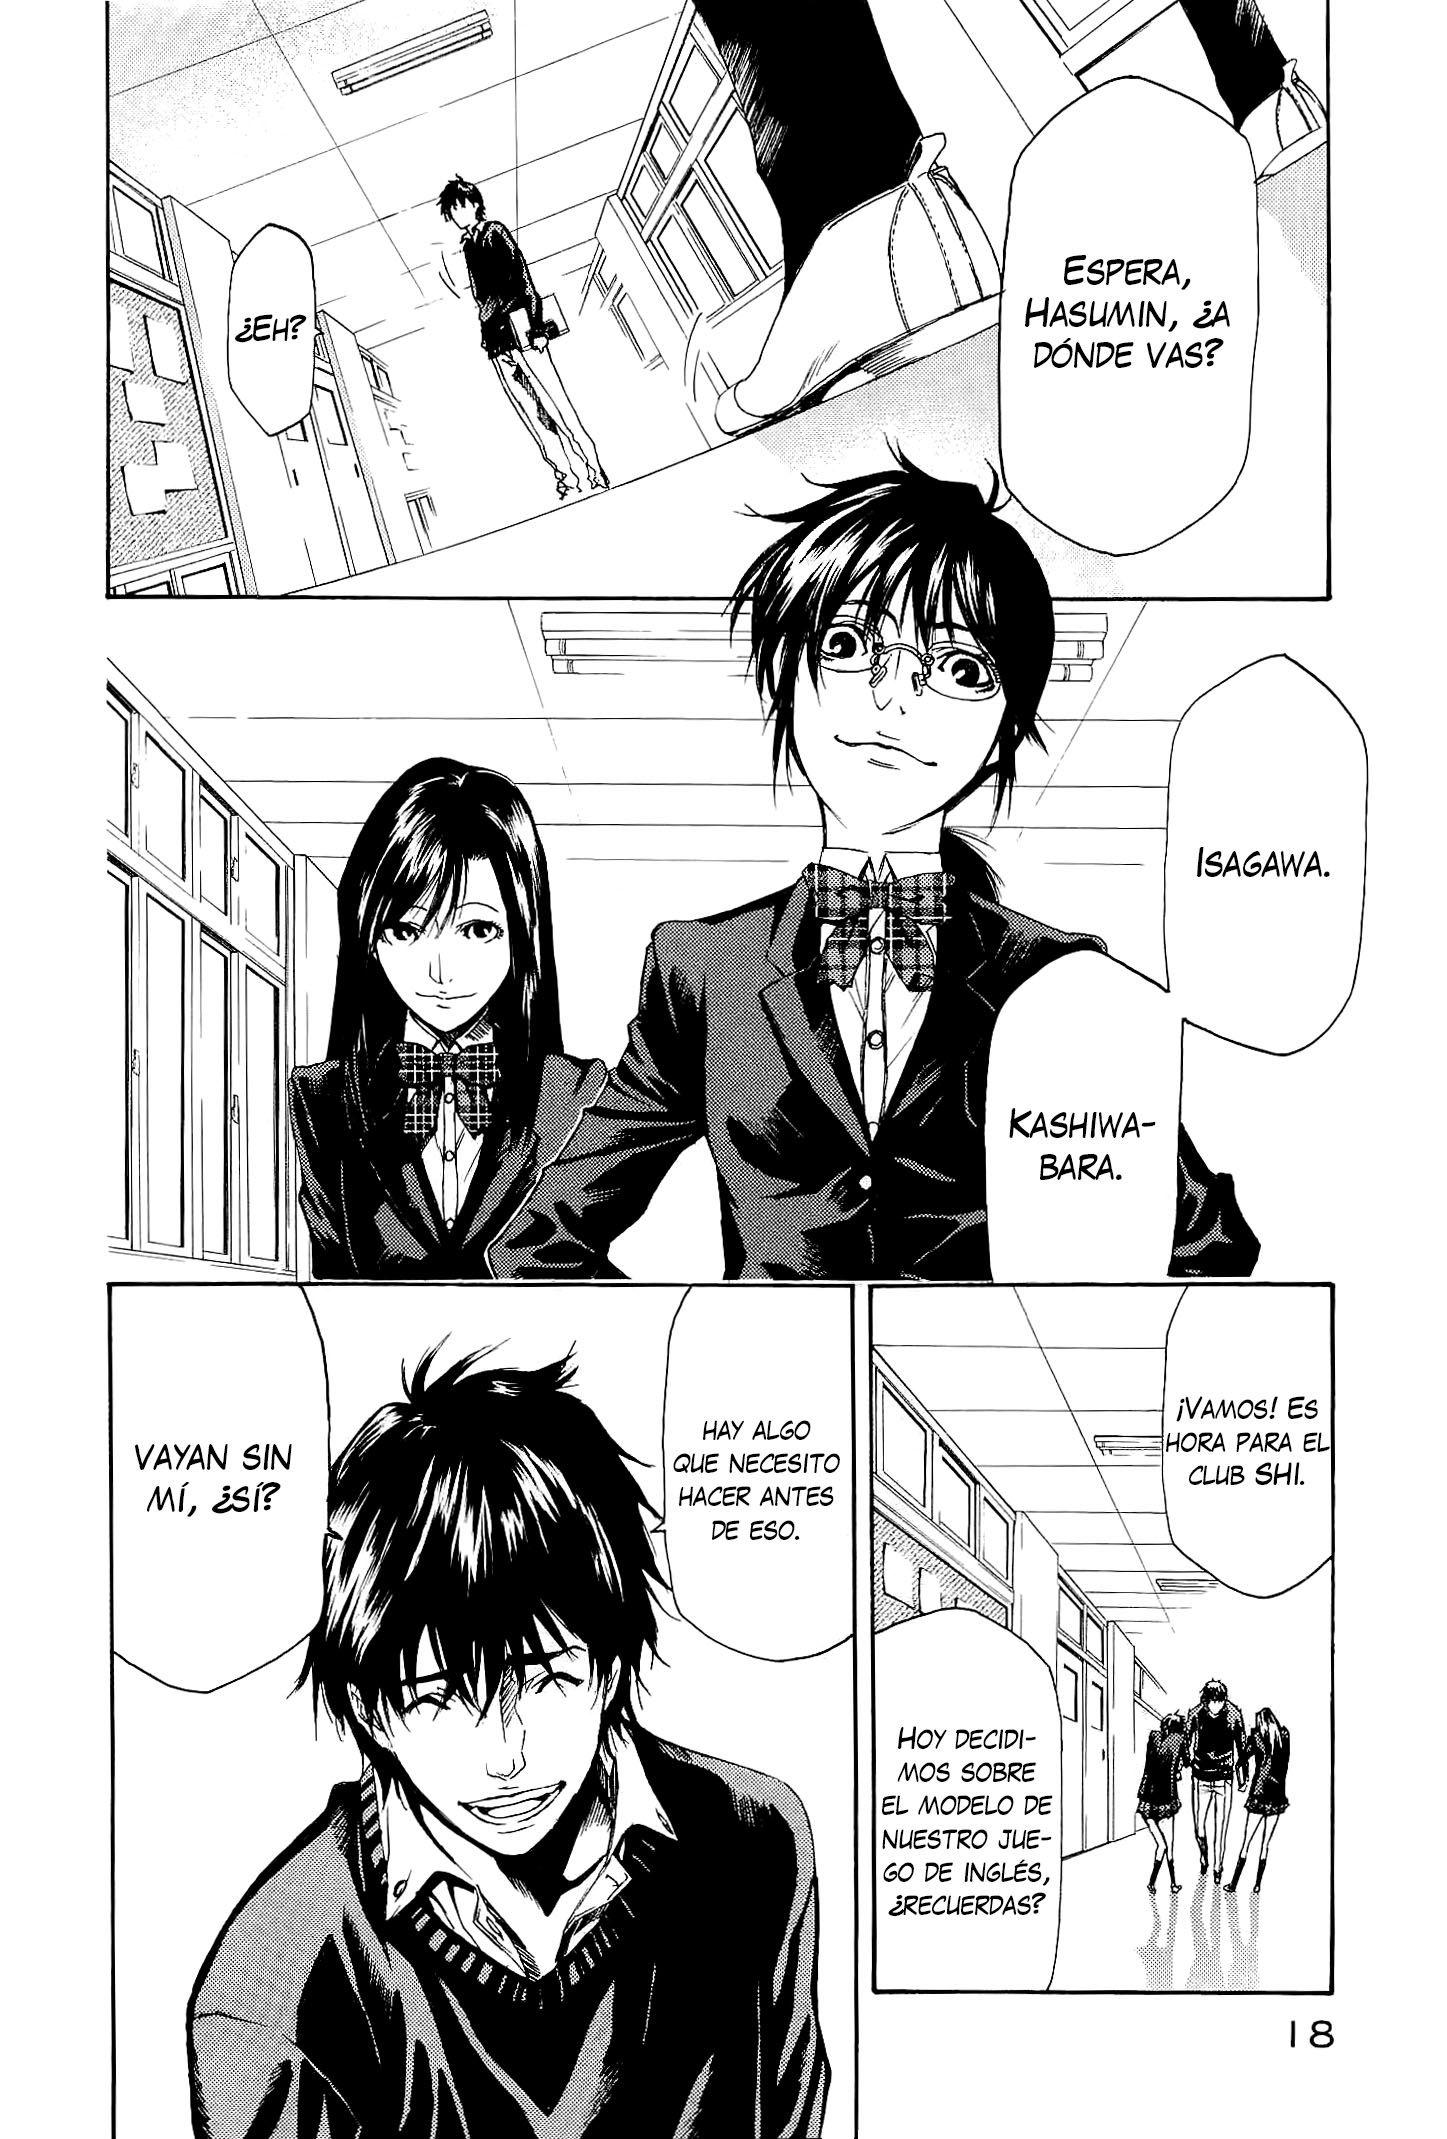 http://c5.ninemanga.com/es_manga/3/19523/468638/14242eaa0e63604dc346303e82bae096.jpg Page 21